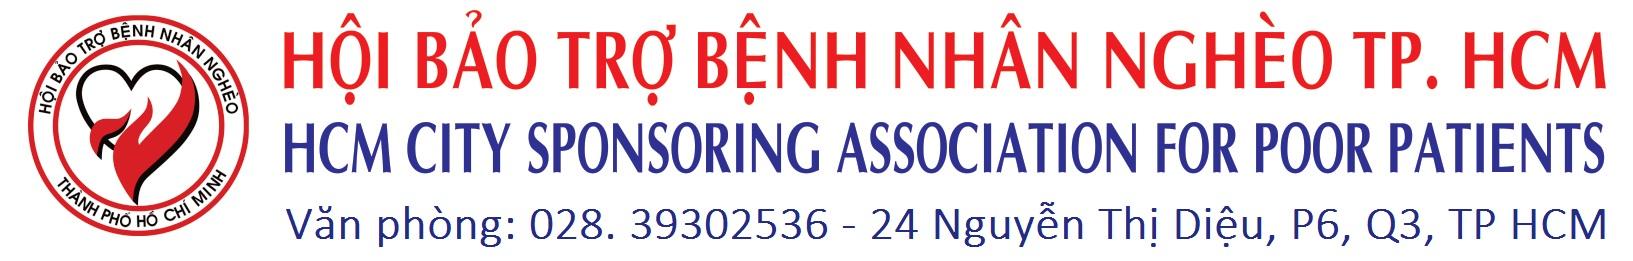 BannerHBT 12-05-16